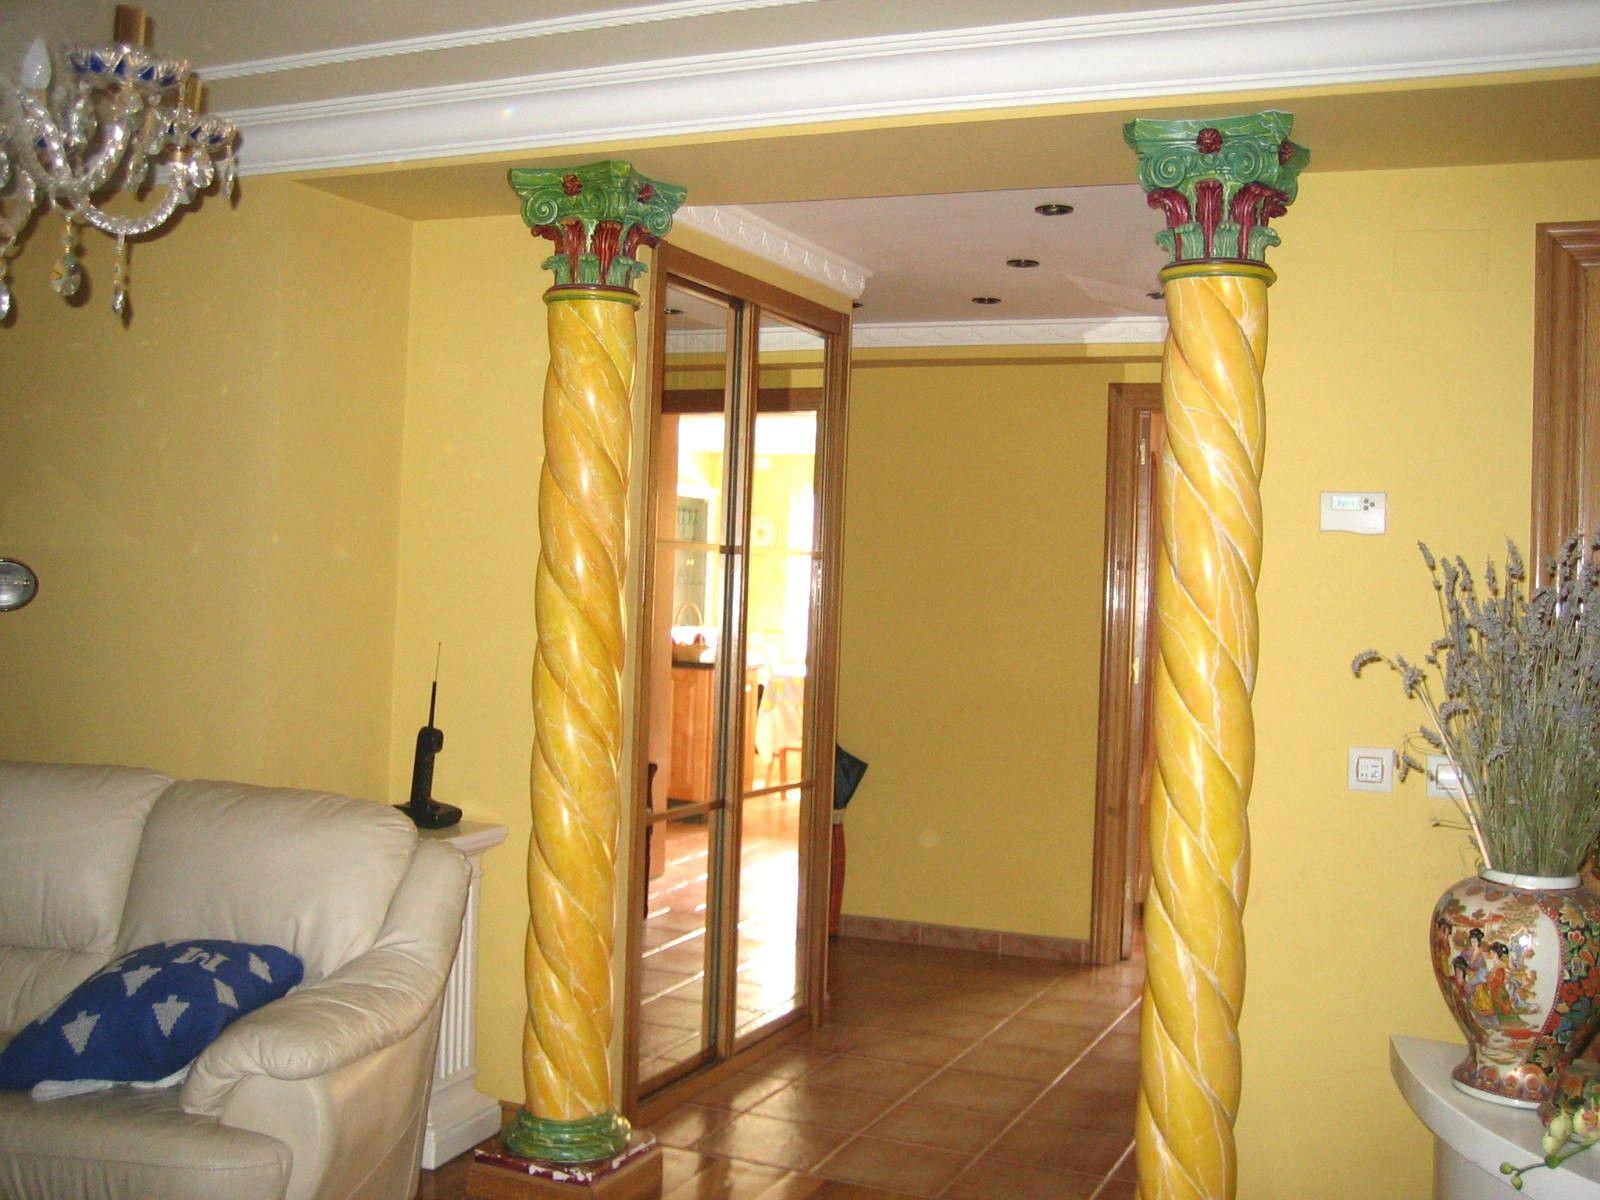 Escayola y pladur: Servicios de Almeida Instalaciones y Obras